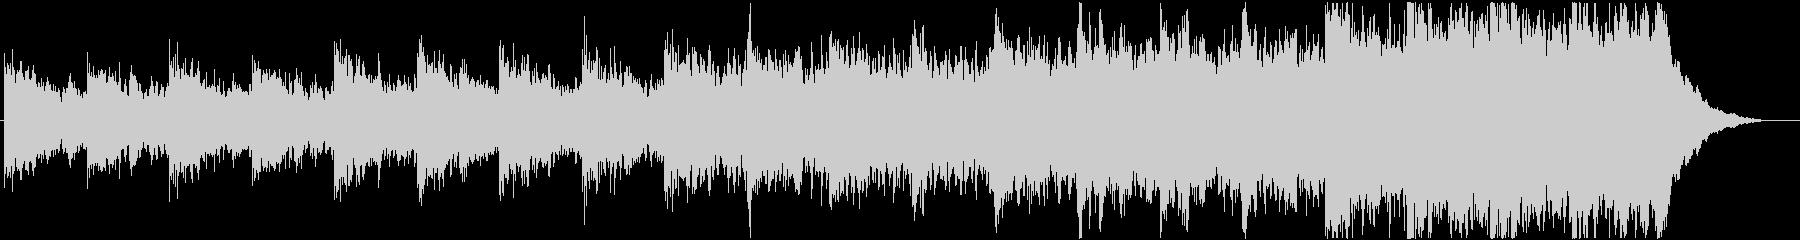 緊迫感のあるシネマティック曲 2-2の未再生の波形